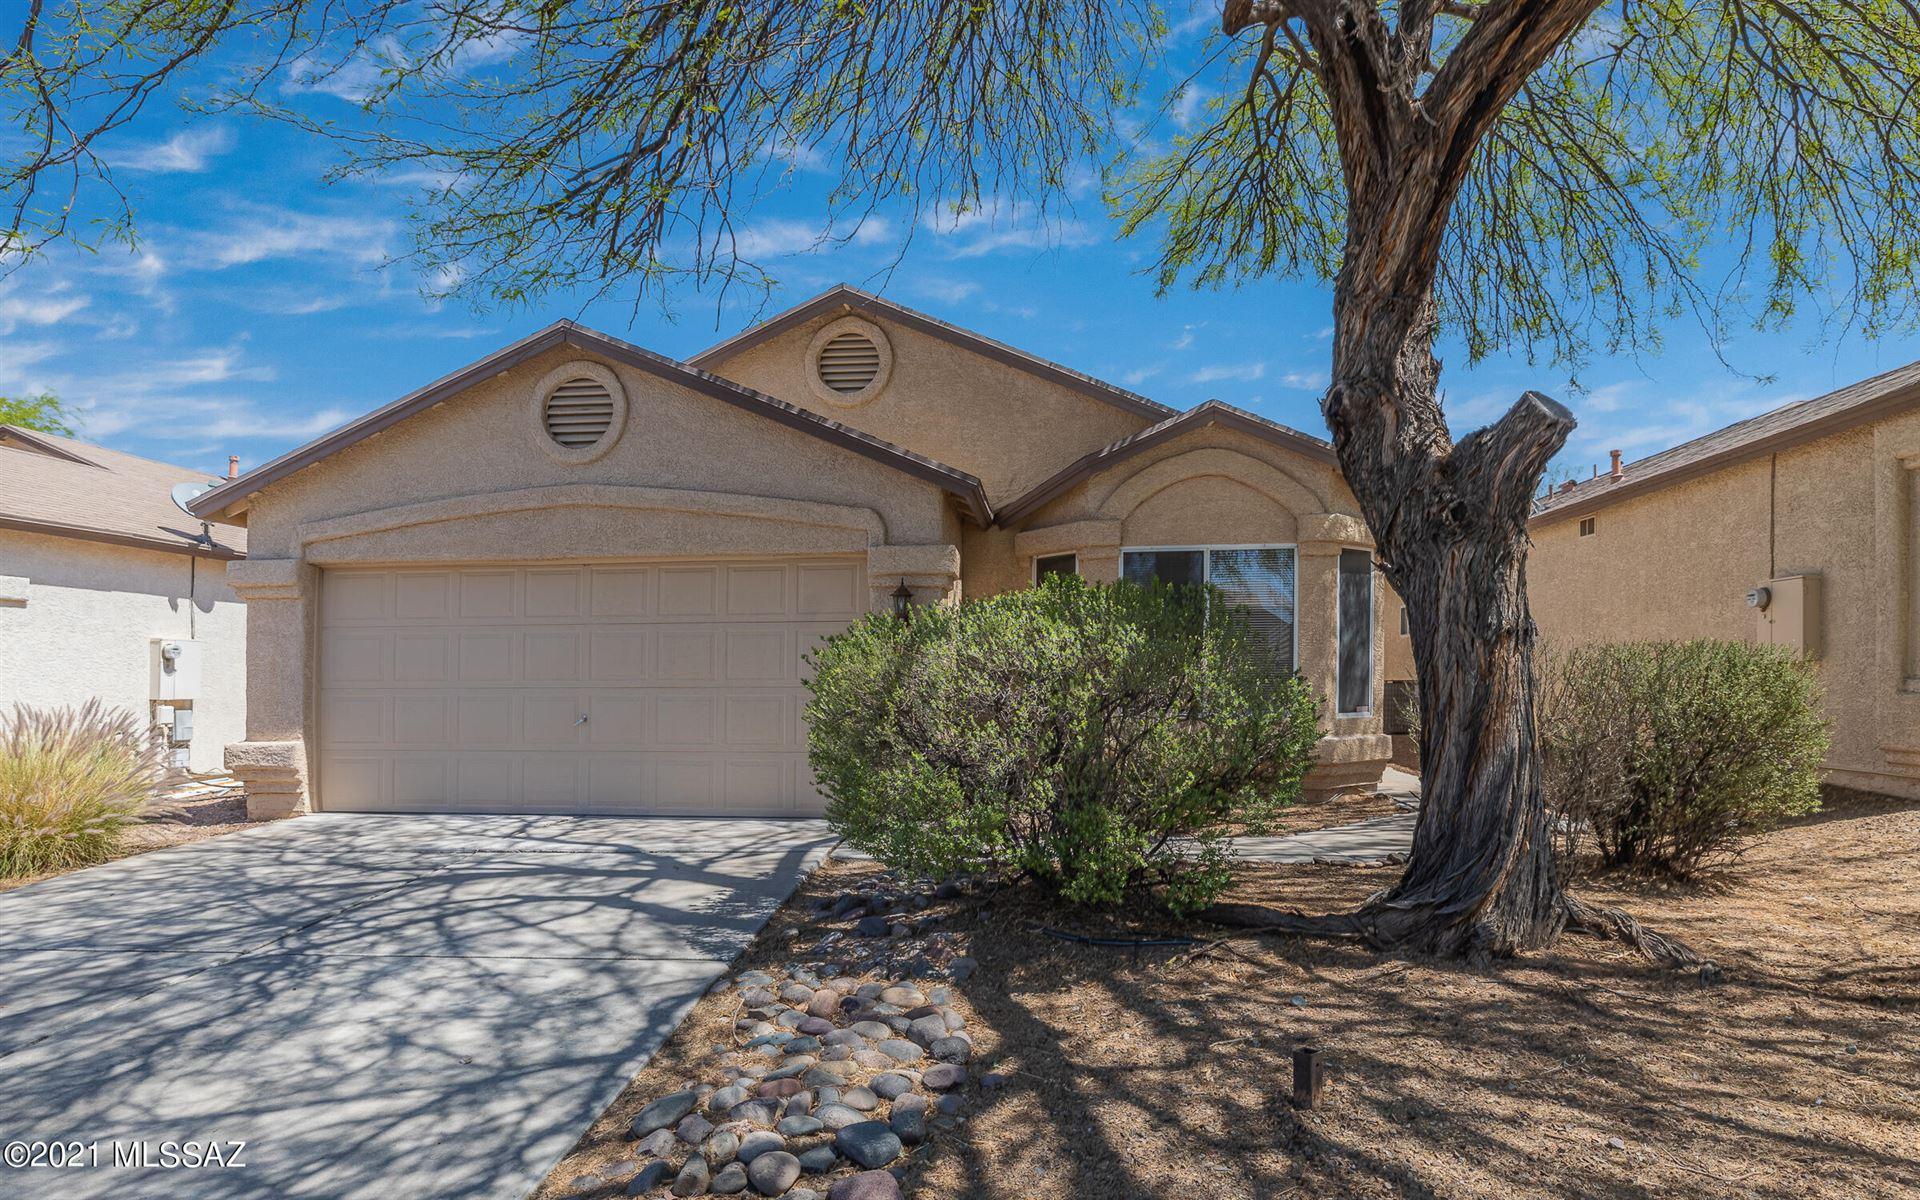 9177 E Ironbark Street, Tucson, AZ 85747 - MLS#: 22109730